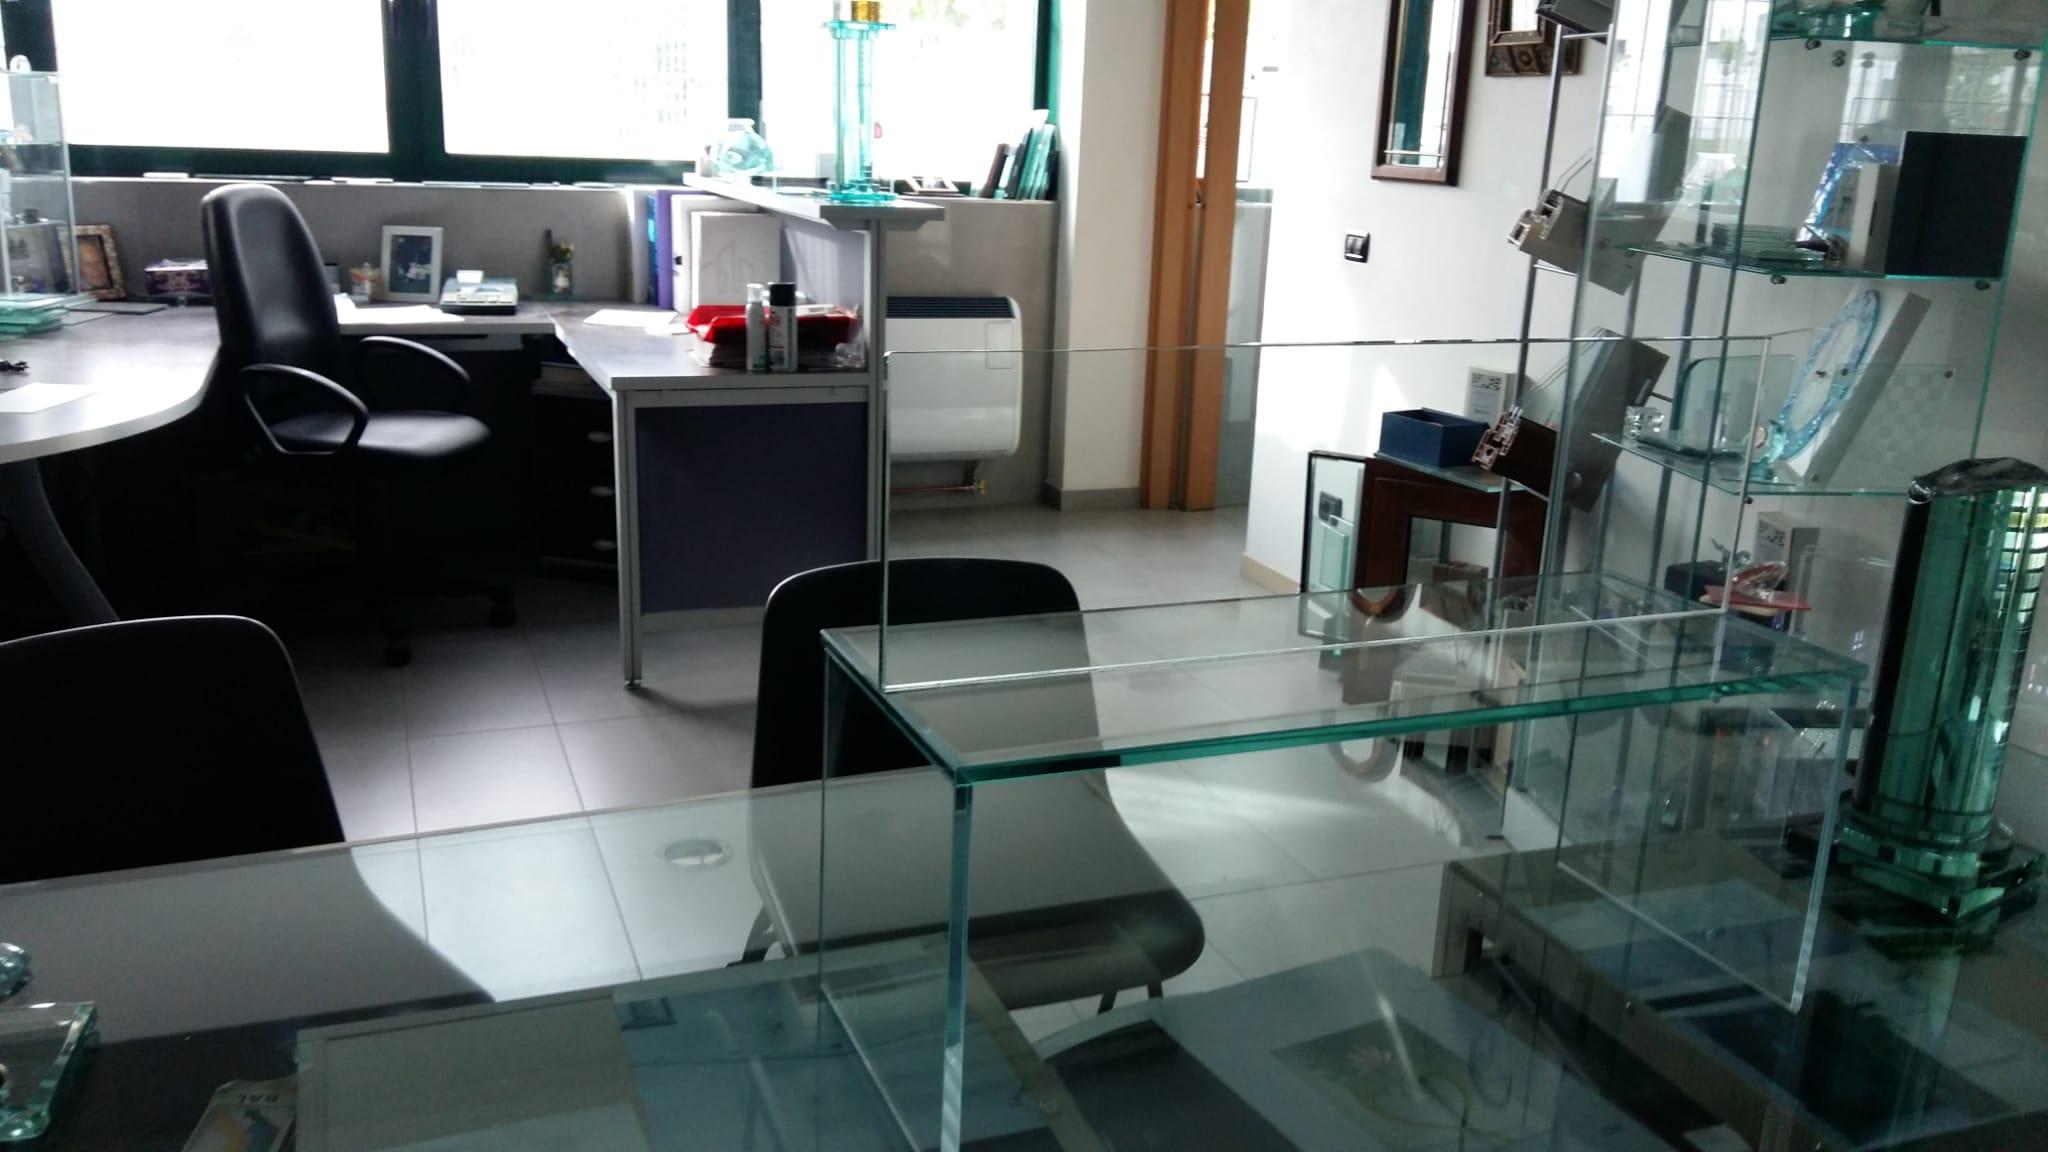 struttura in vetro extrachiaro per proteggere dagli sputi clienti e negoziante